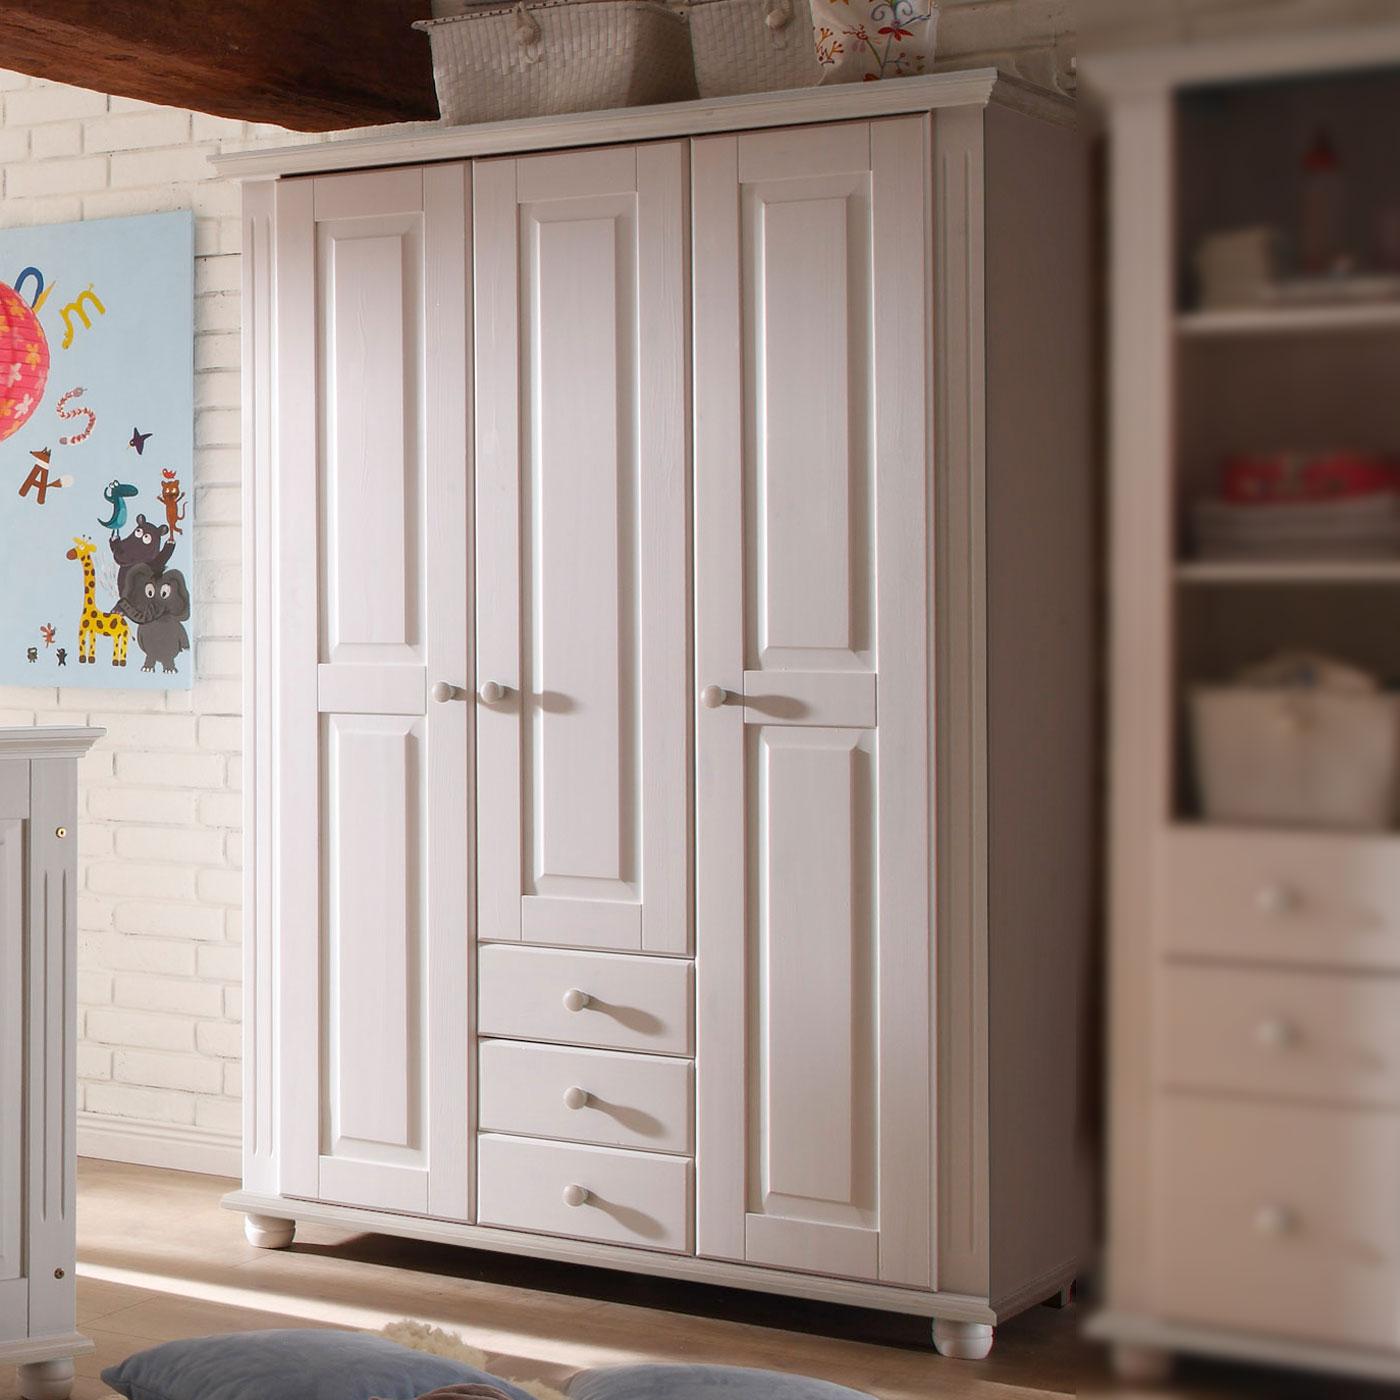 Kleiderschrank Fürs Kinderzimmer Aus Weißer Fichte Nina: Kinderzimmer Kleiderschrank